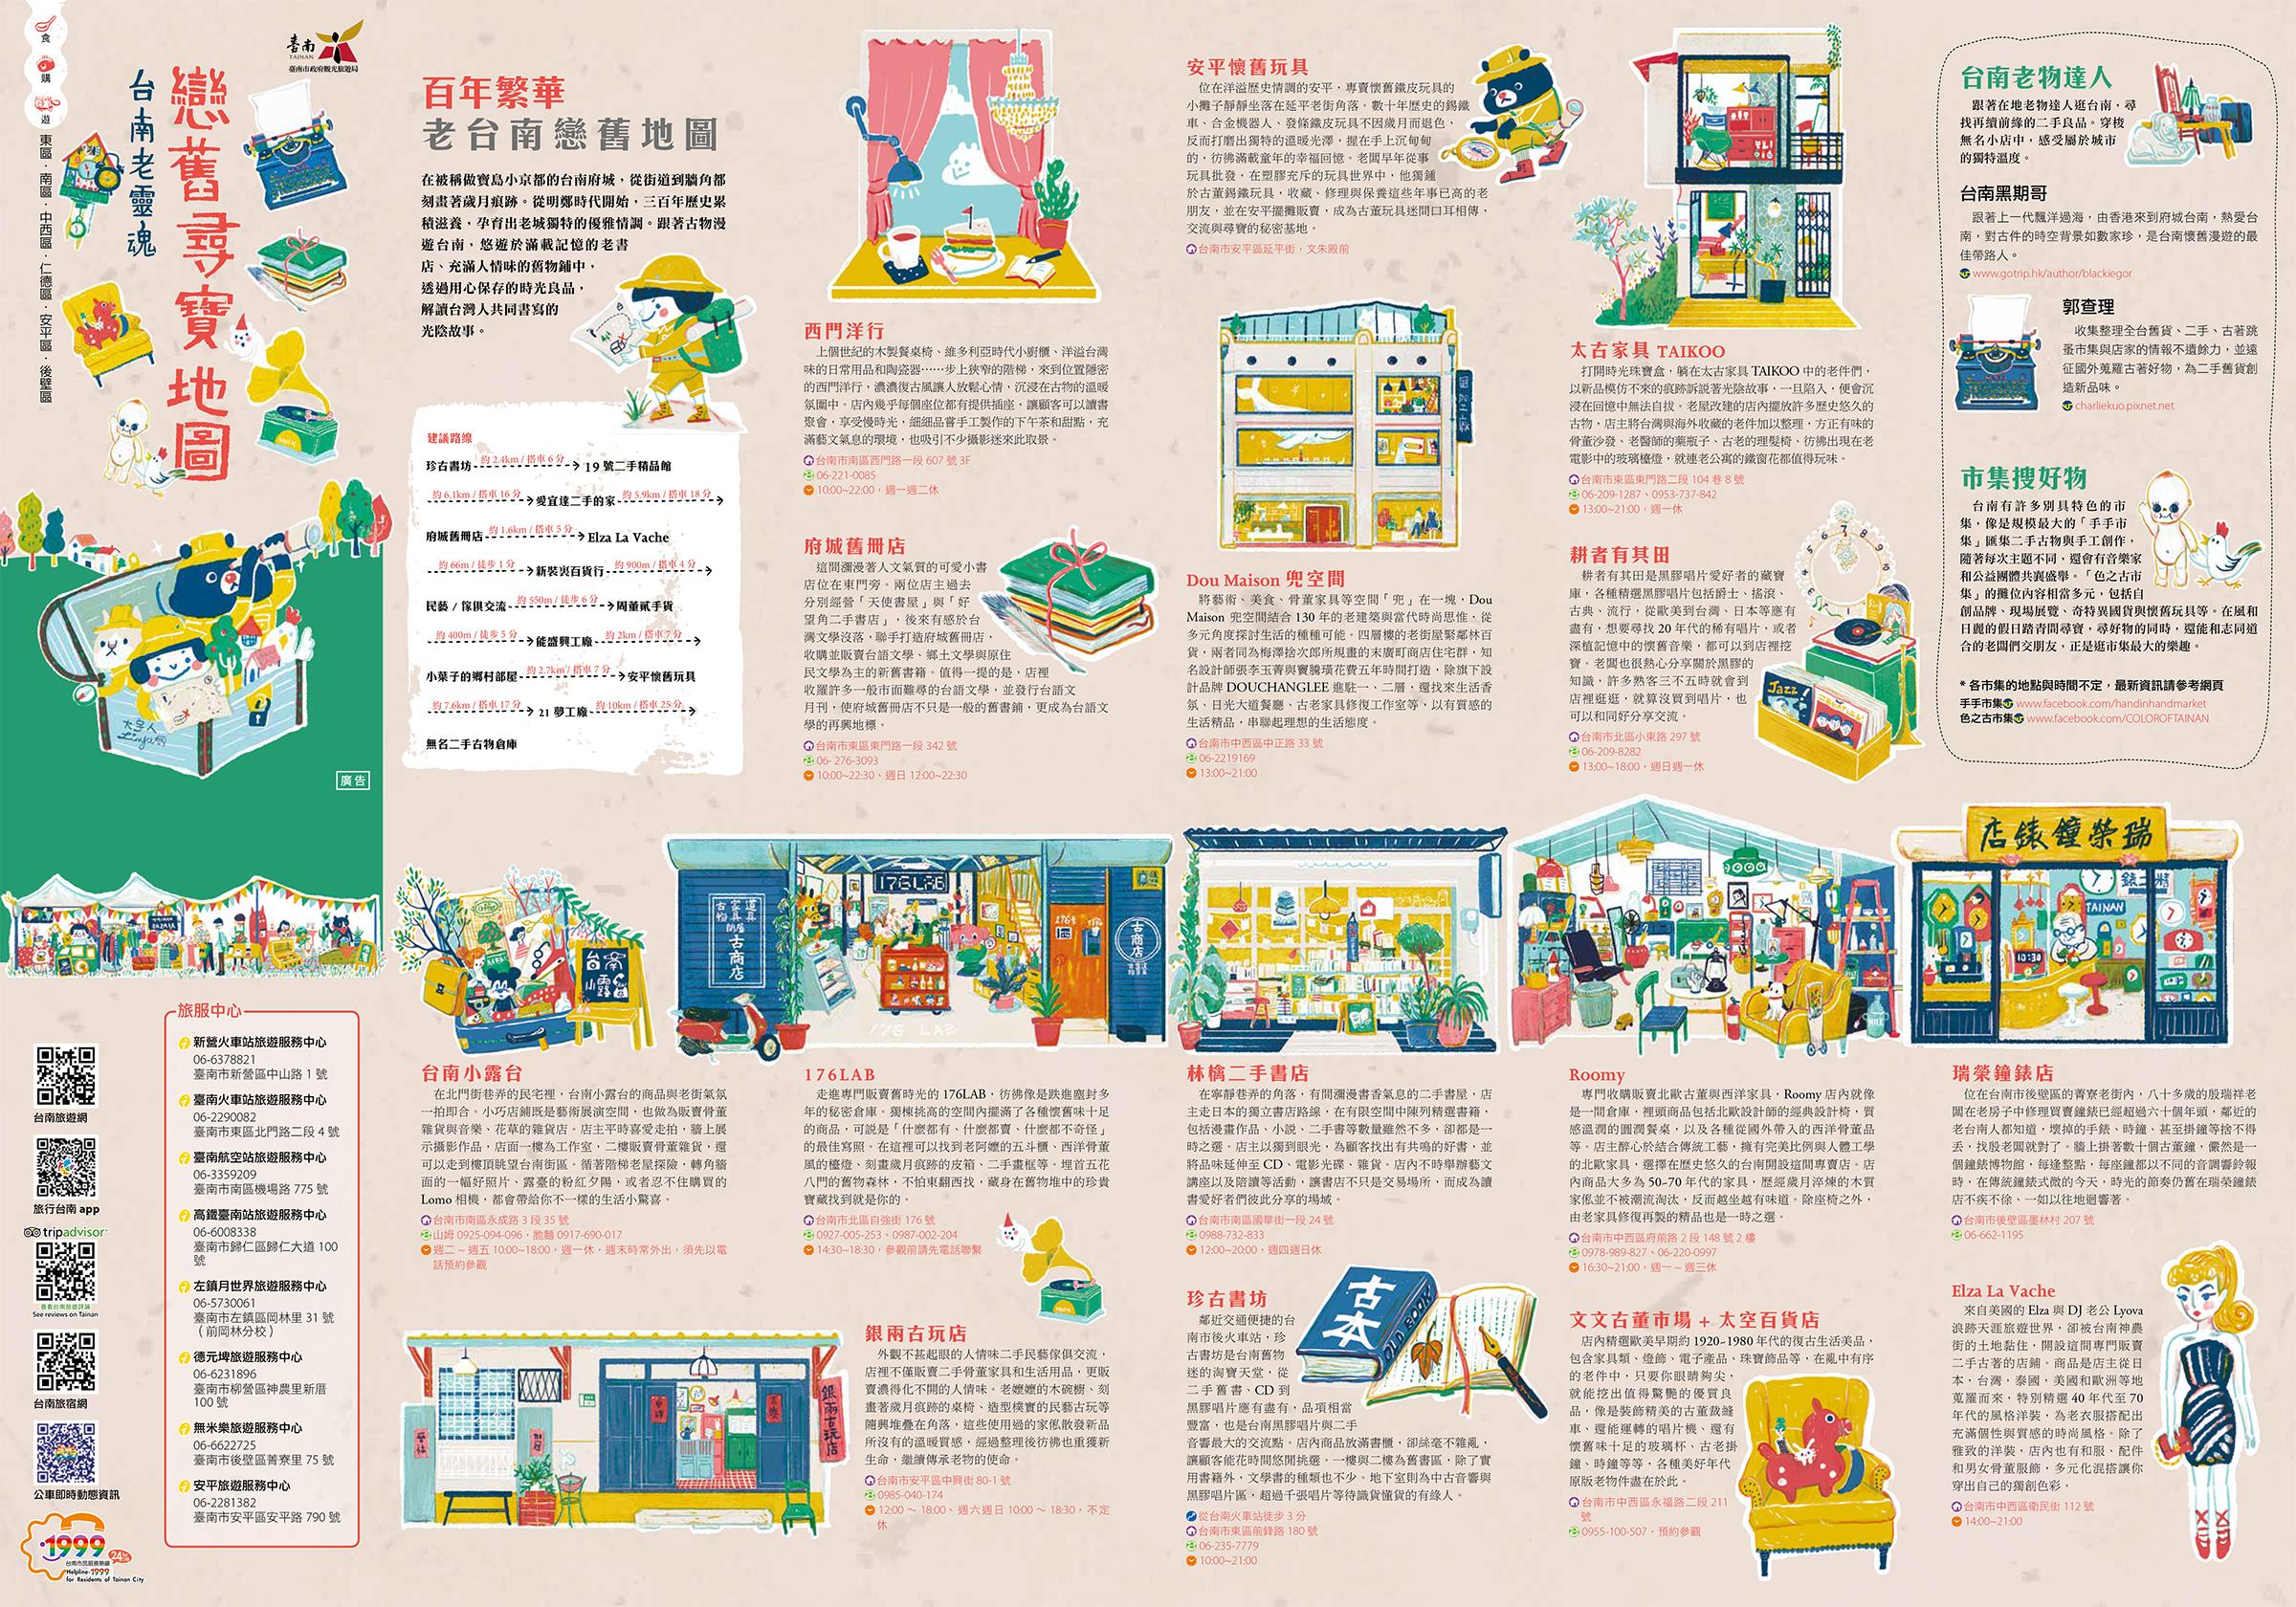 台南戀舊尋寶地圖-資訊頁